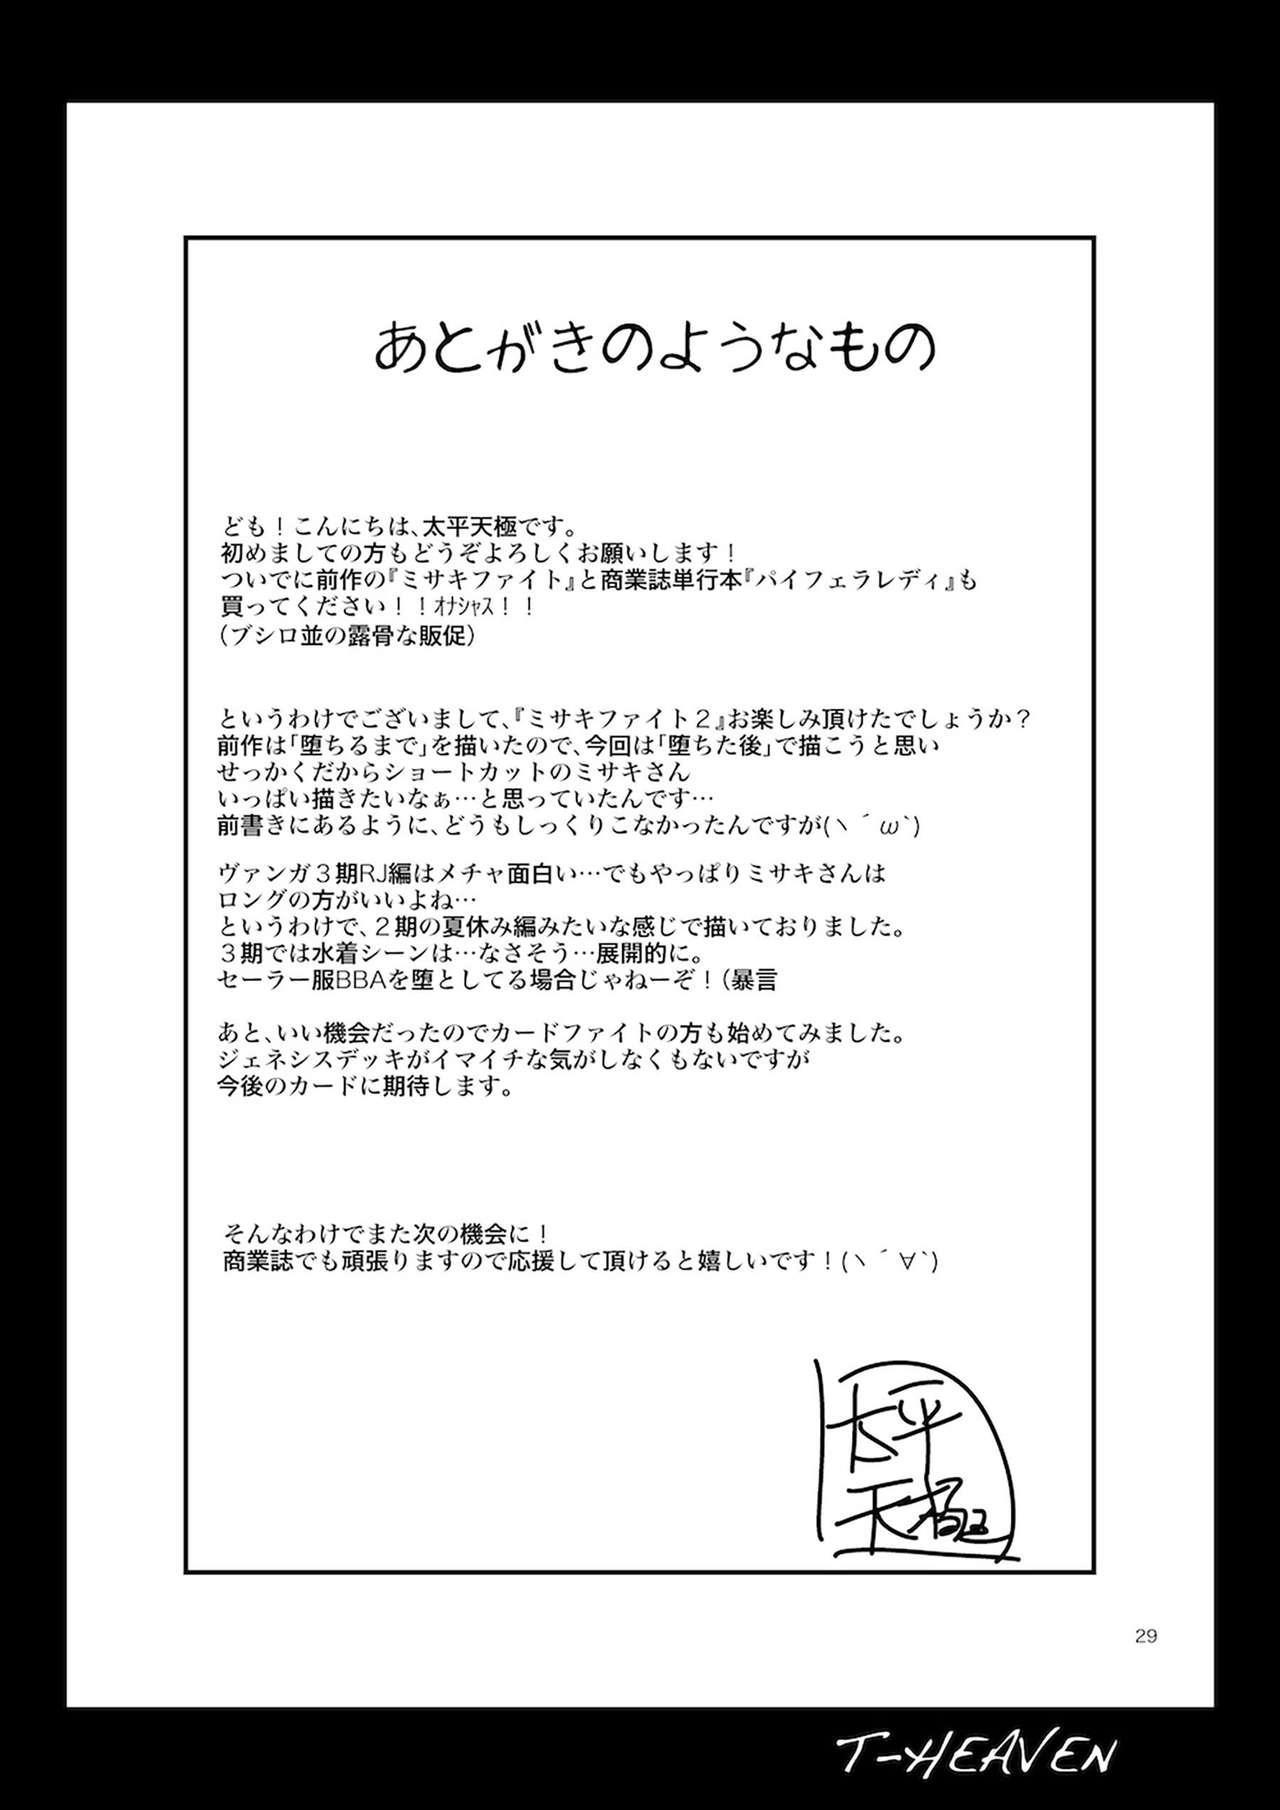 Misaki Fight 2 Chuunen Otoko to no Sex ni Dohamari Shichatte... 29